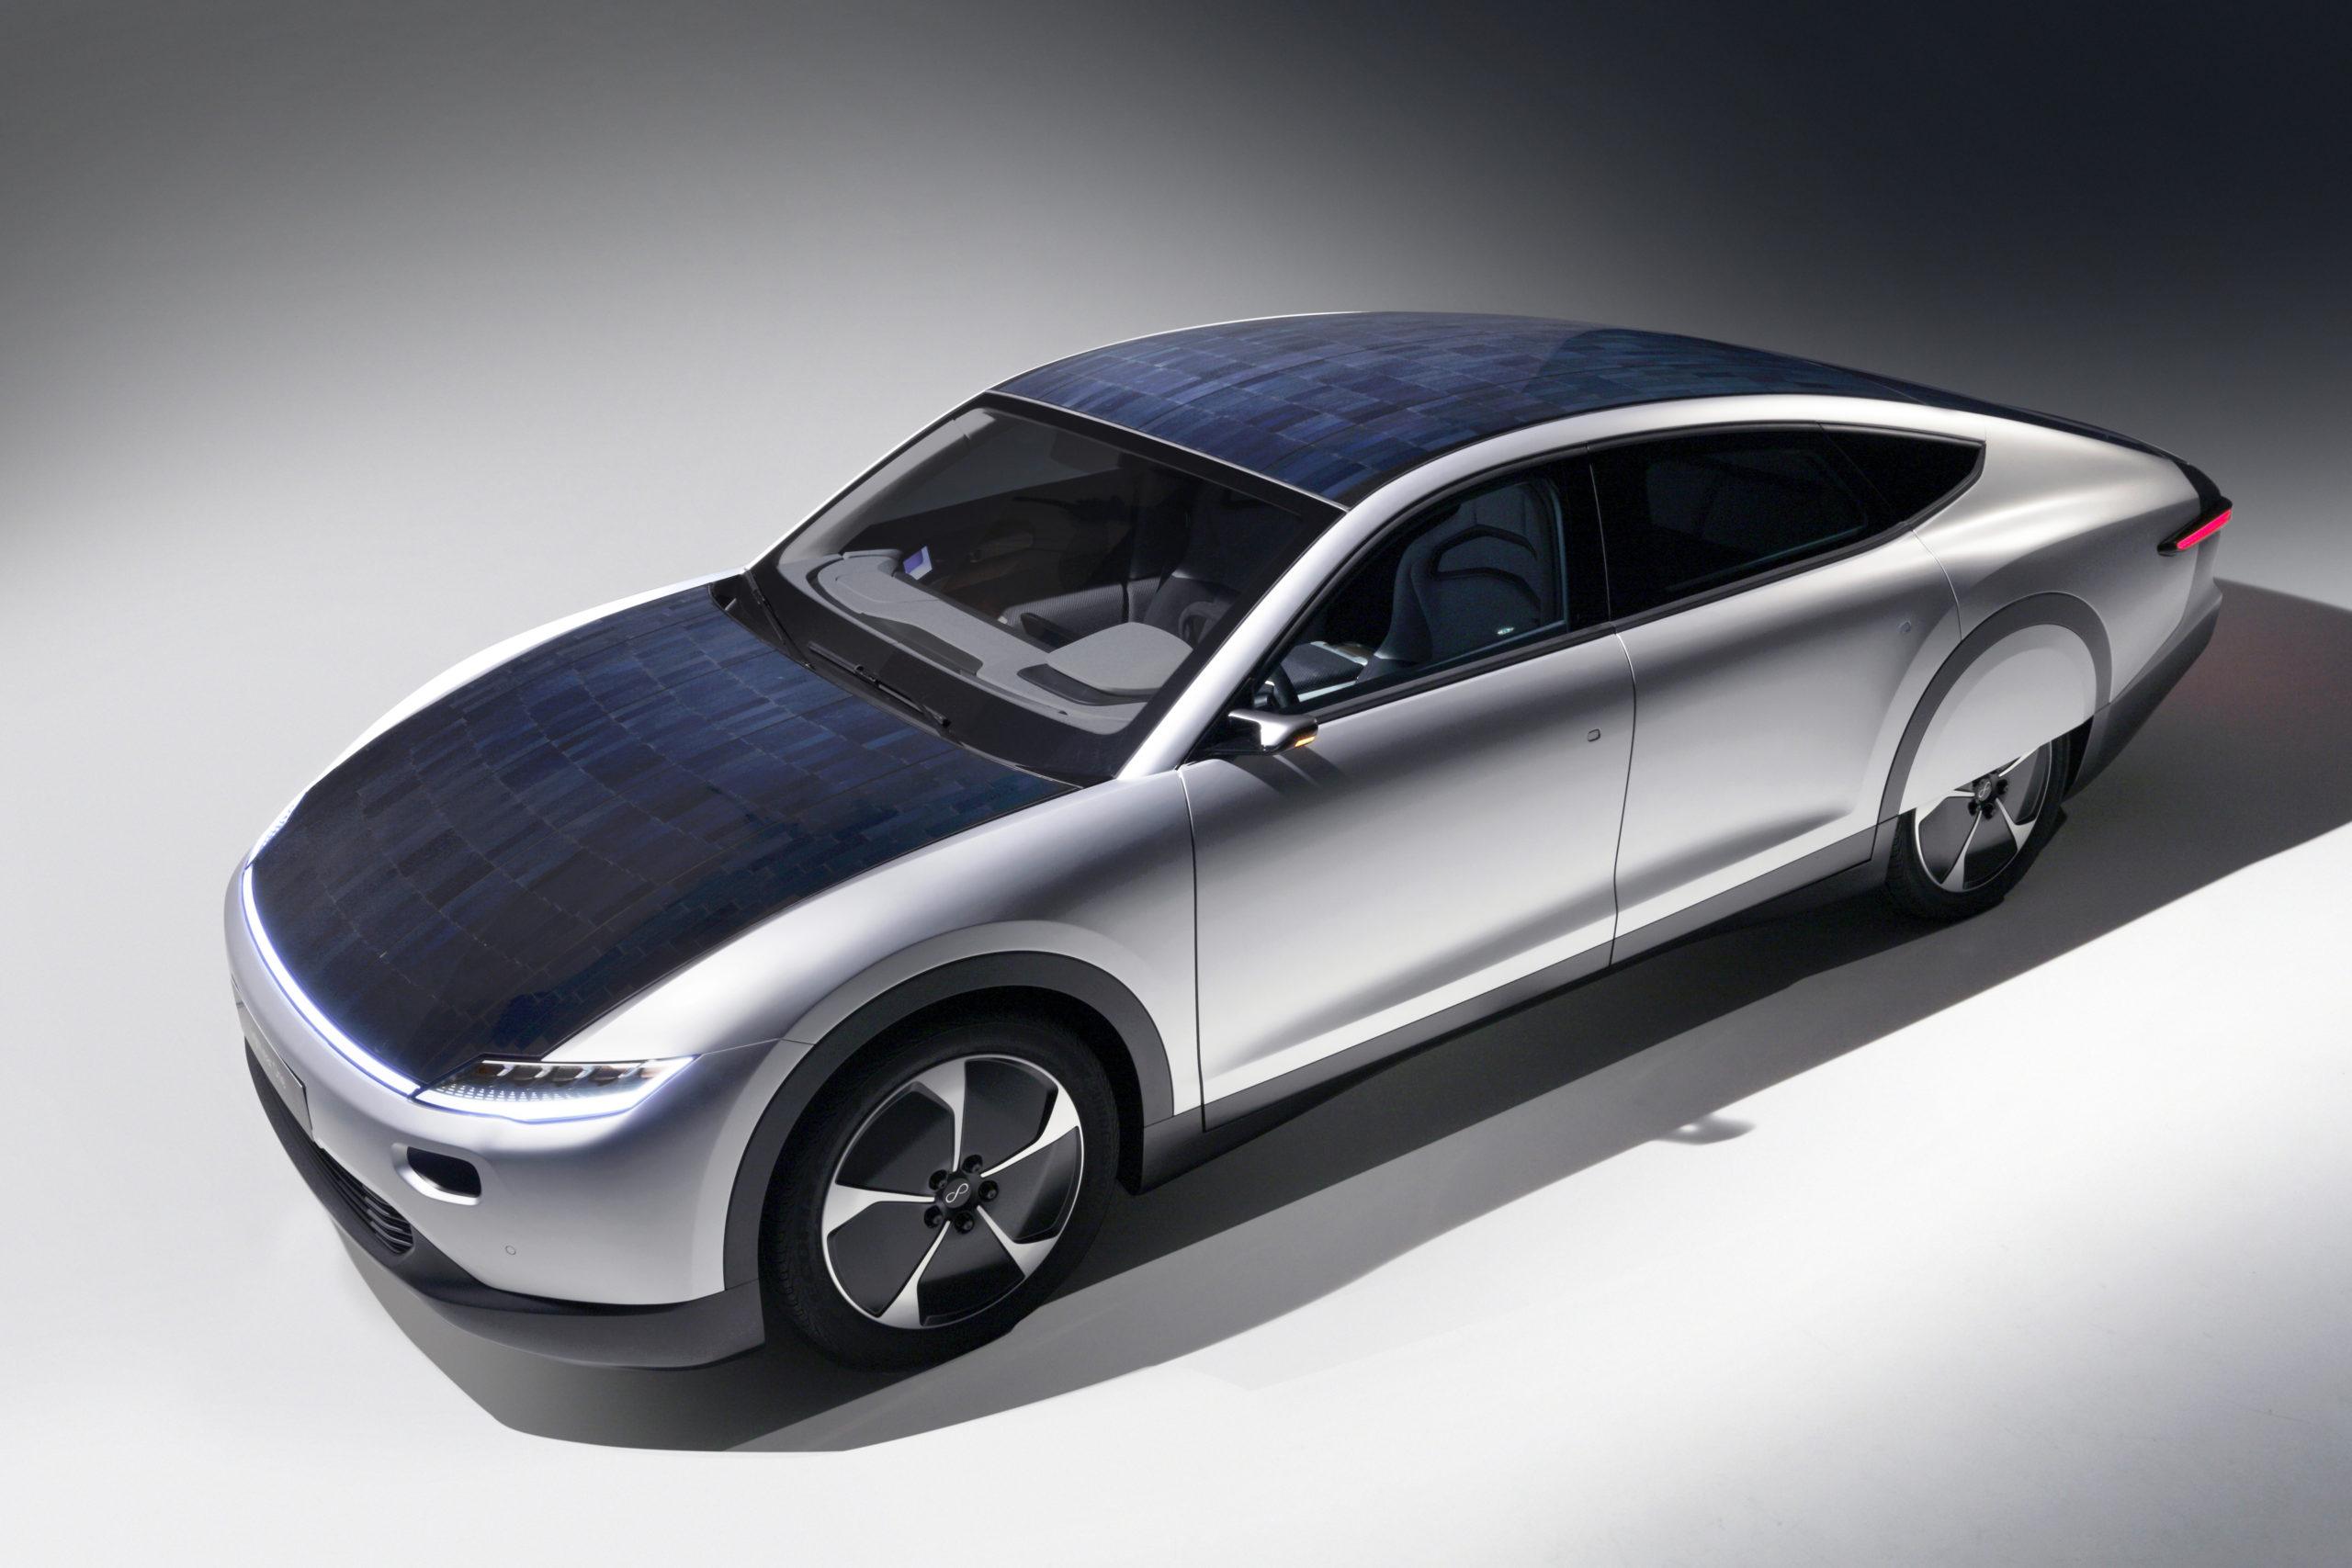 Ya existe un coche que funciona con energía solar y se puede comprar